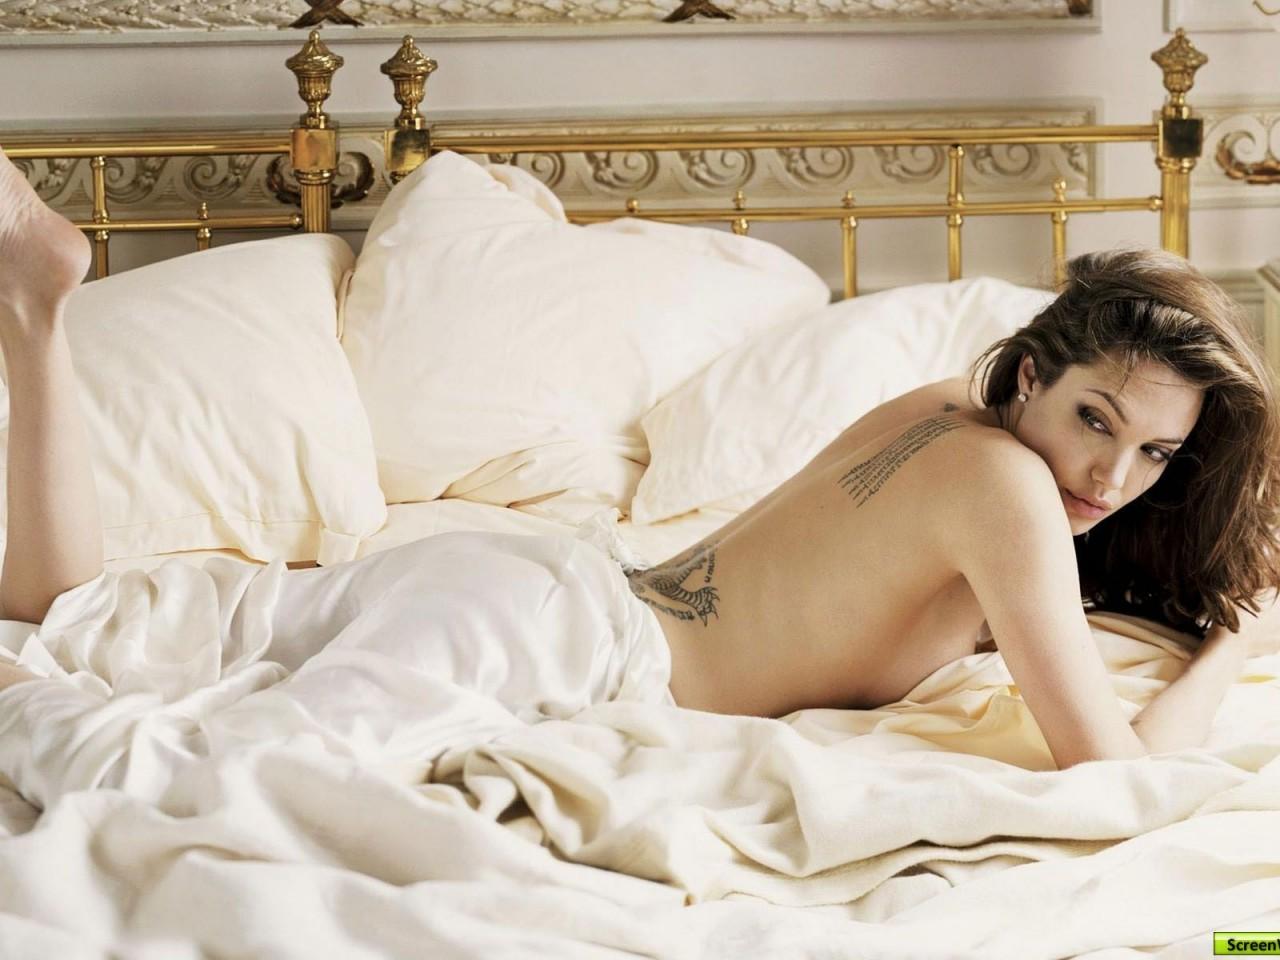 joanna garcia hot nuda